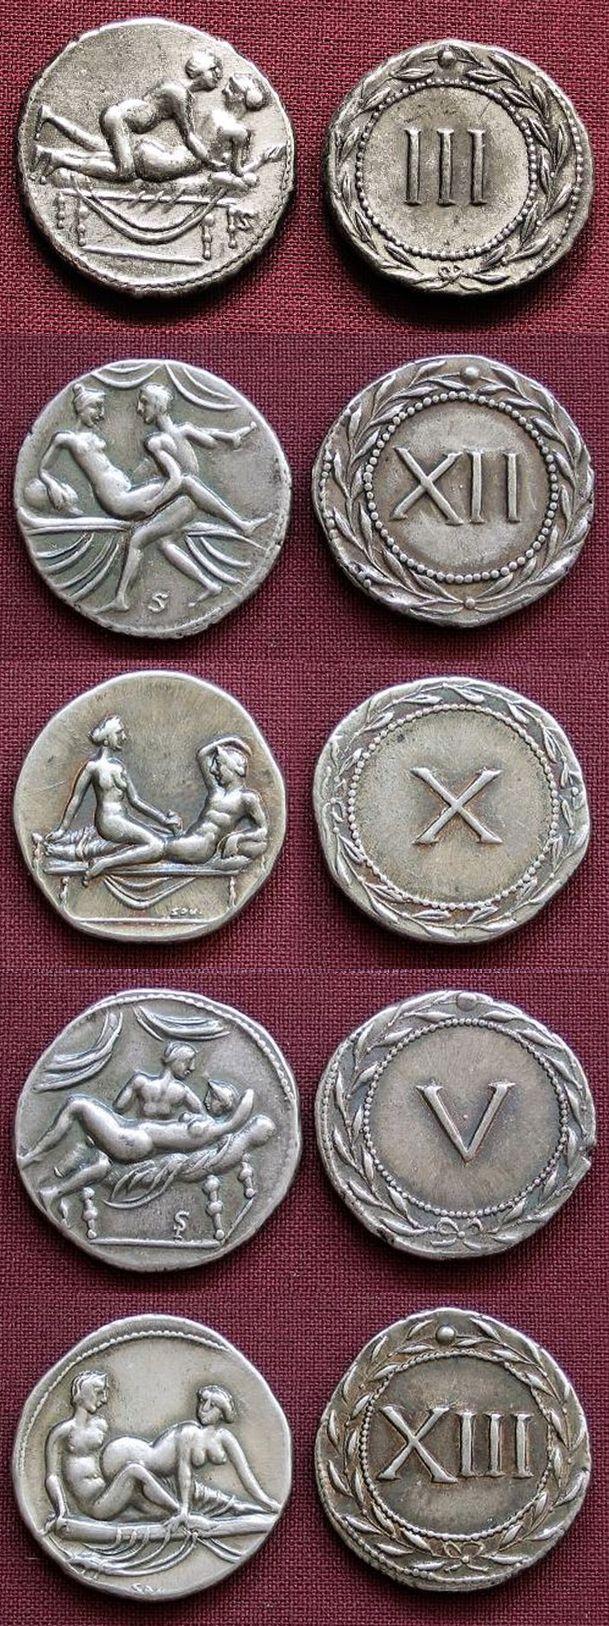 Monedas romanas que se utilizaban como símbolo para la entrada en los burdeles romanos